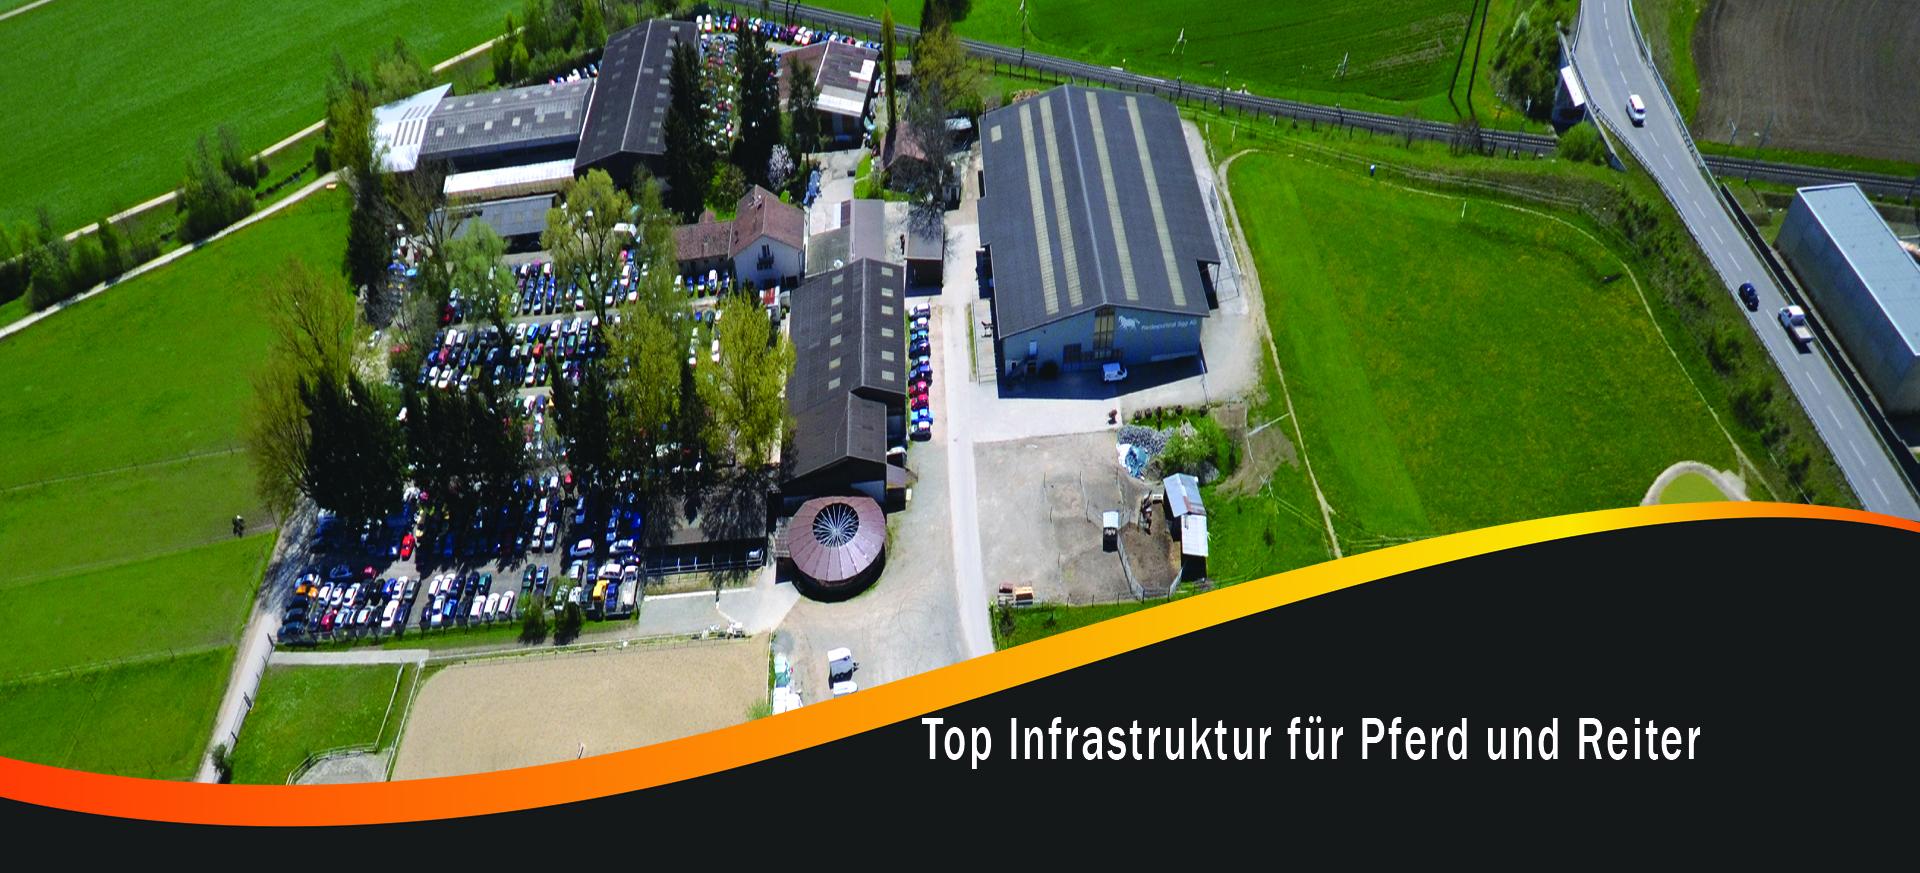 Top_Infrastruktur_Pferd_und_Reiter